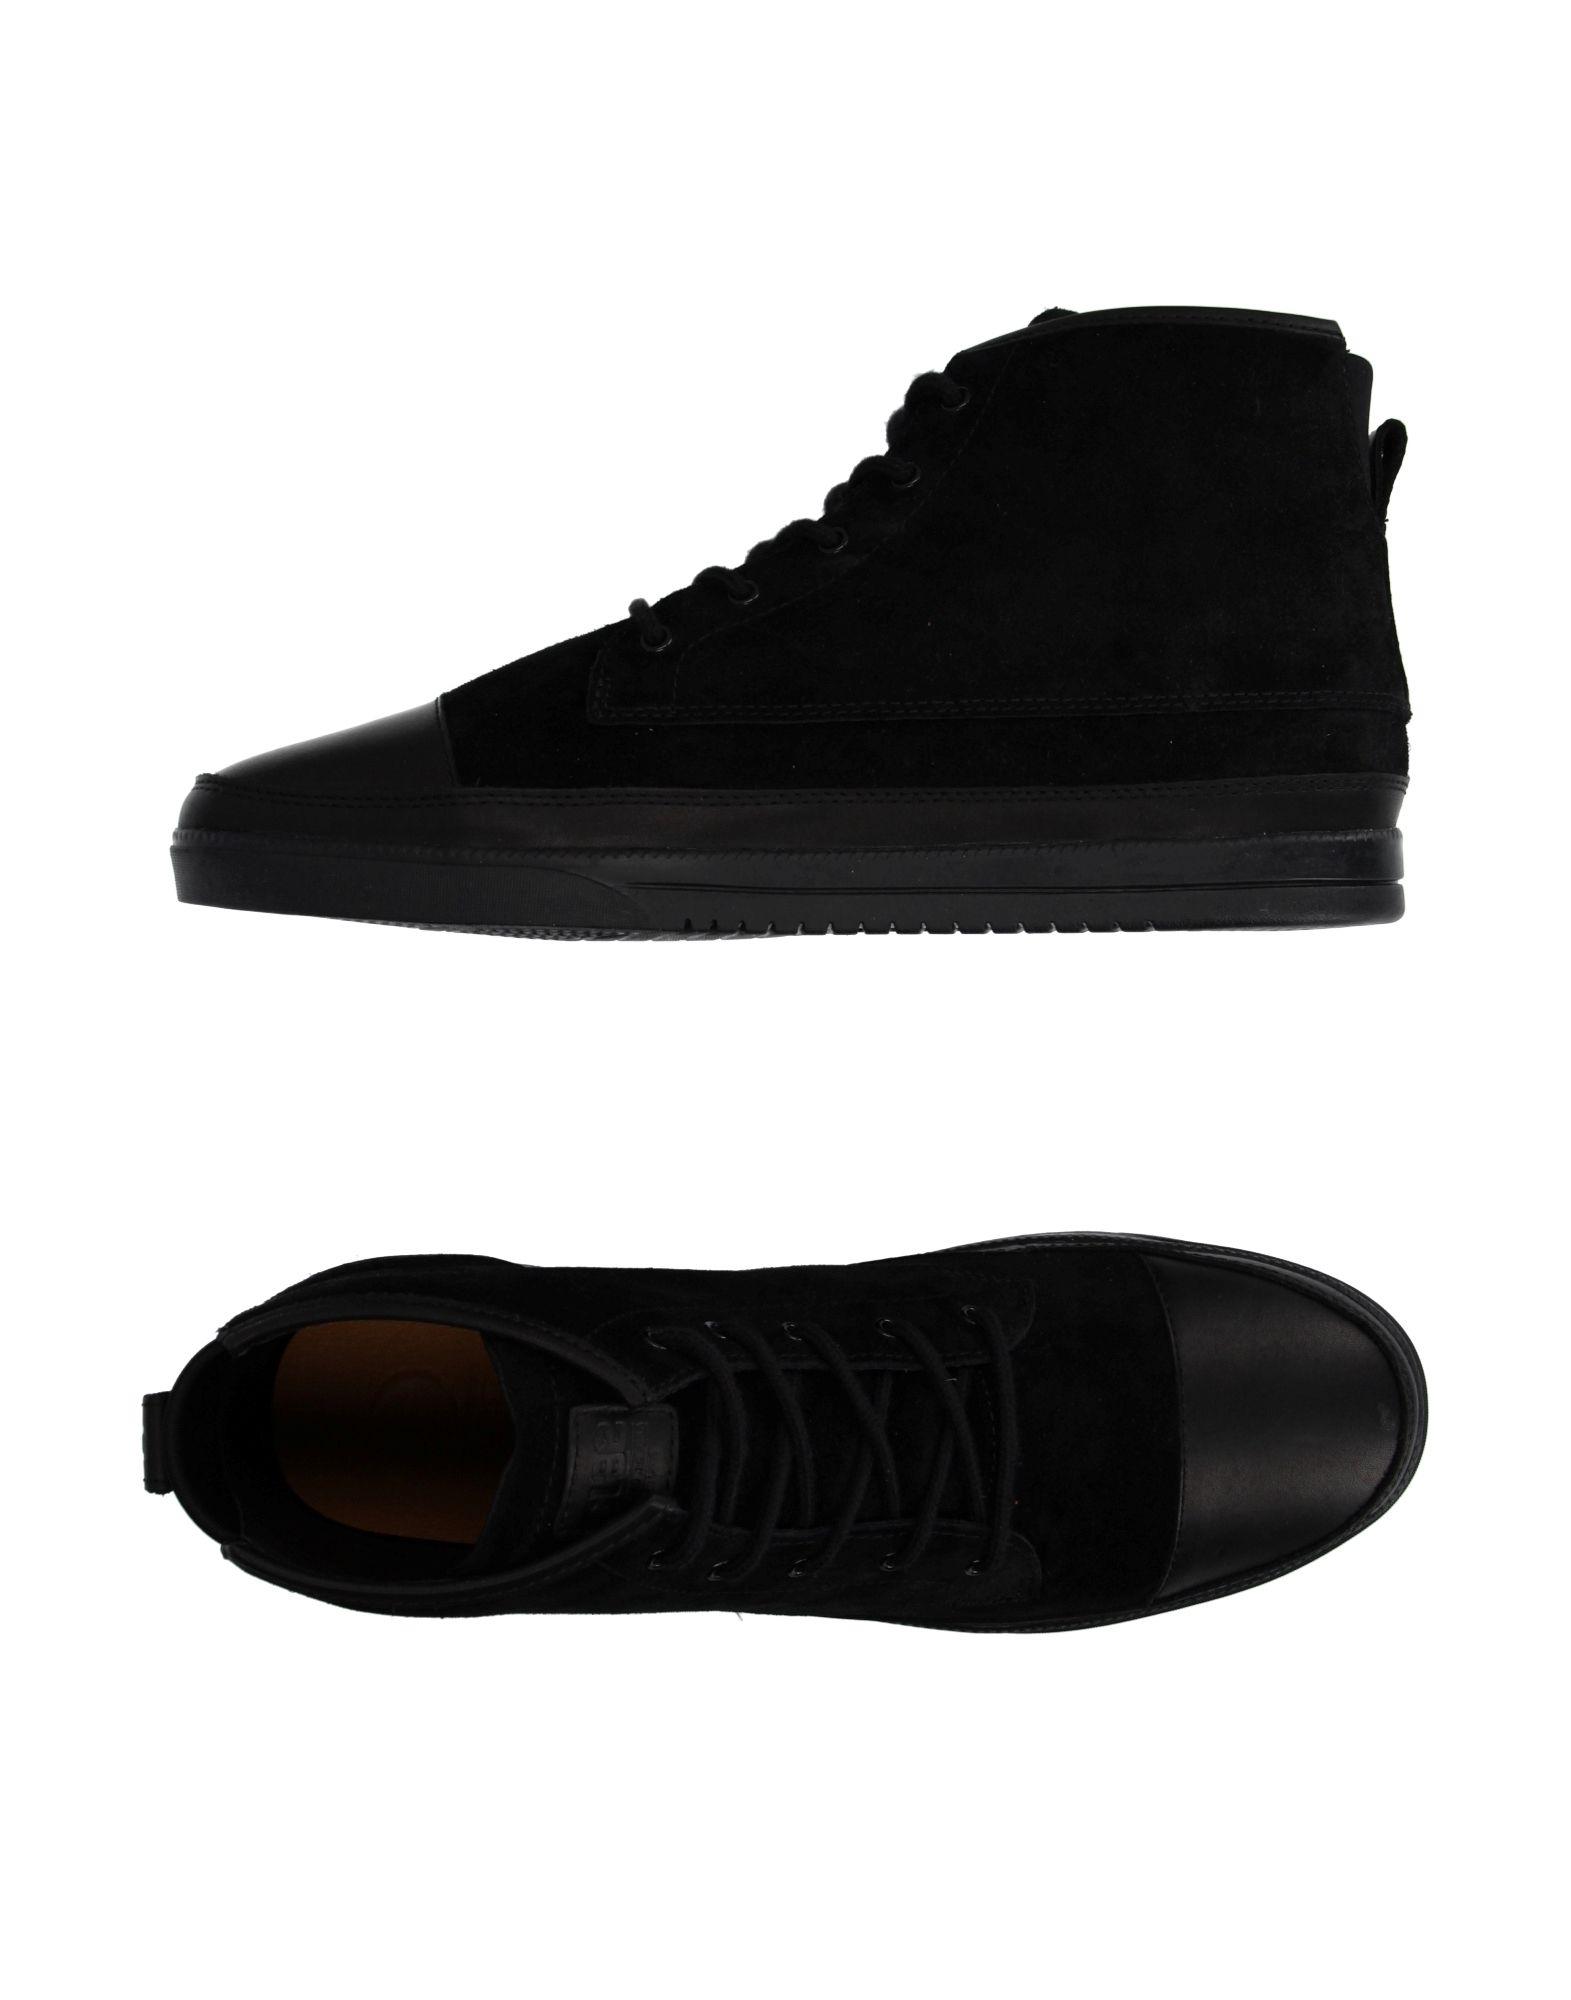 Clae Sneakers Herren Heiße  11030892IQ Heiße Herren Schuhe 65c633